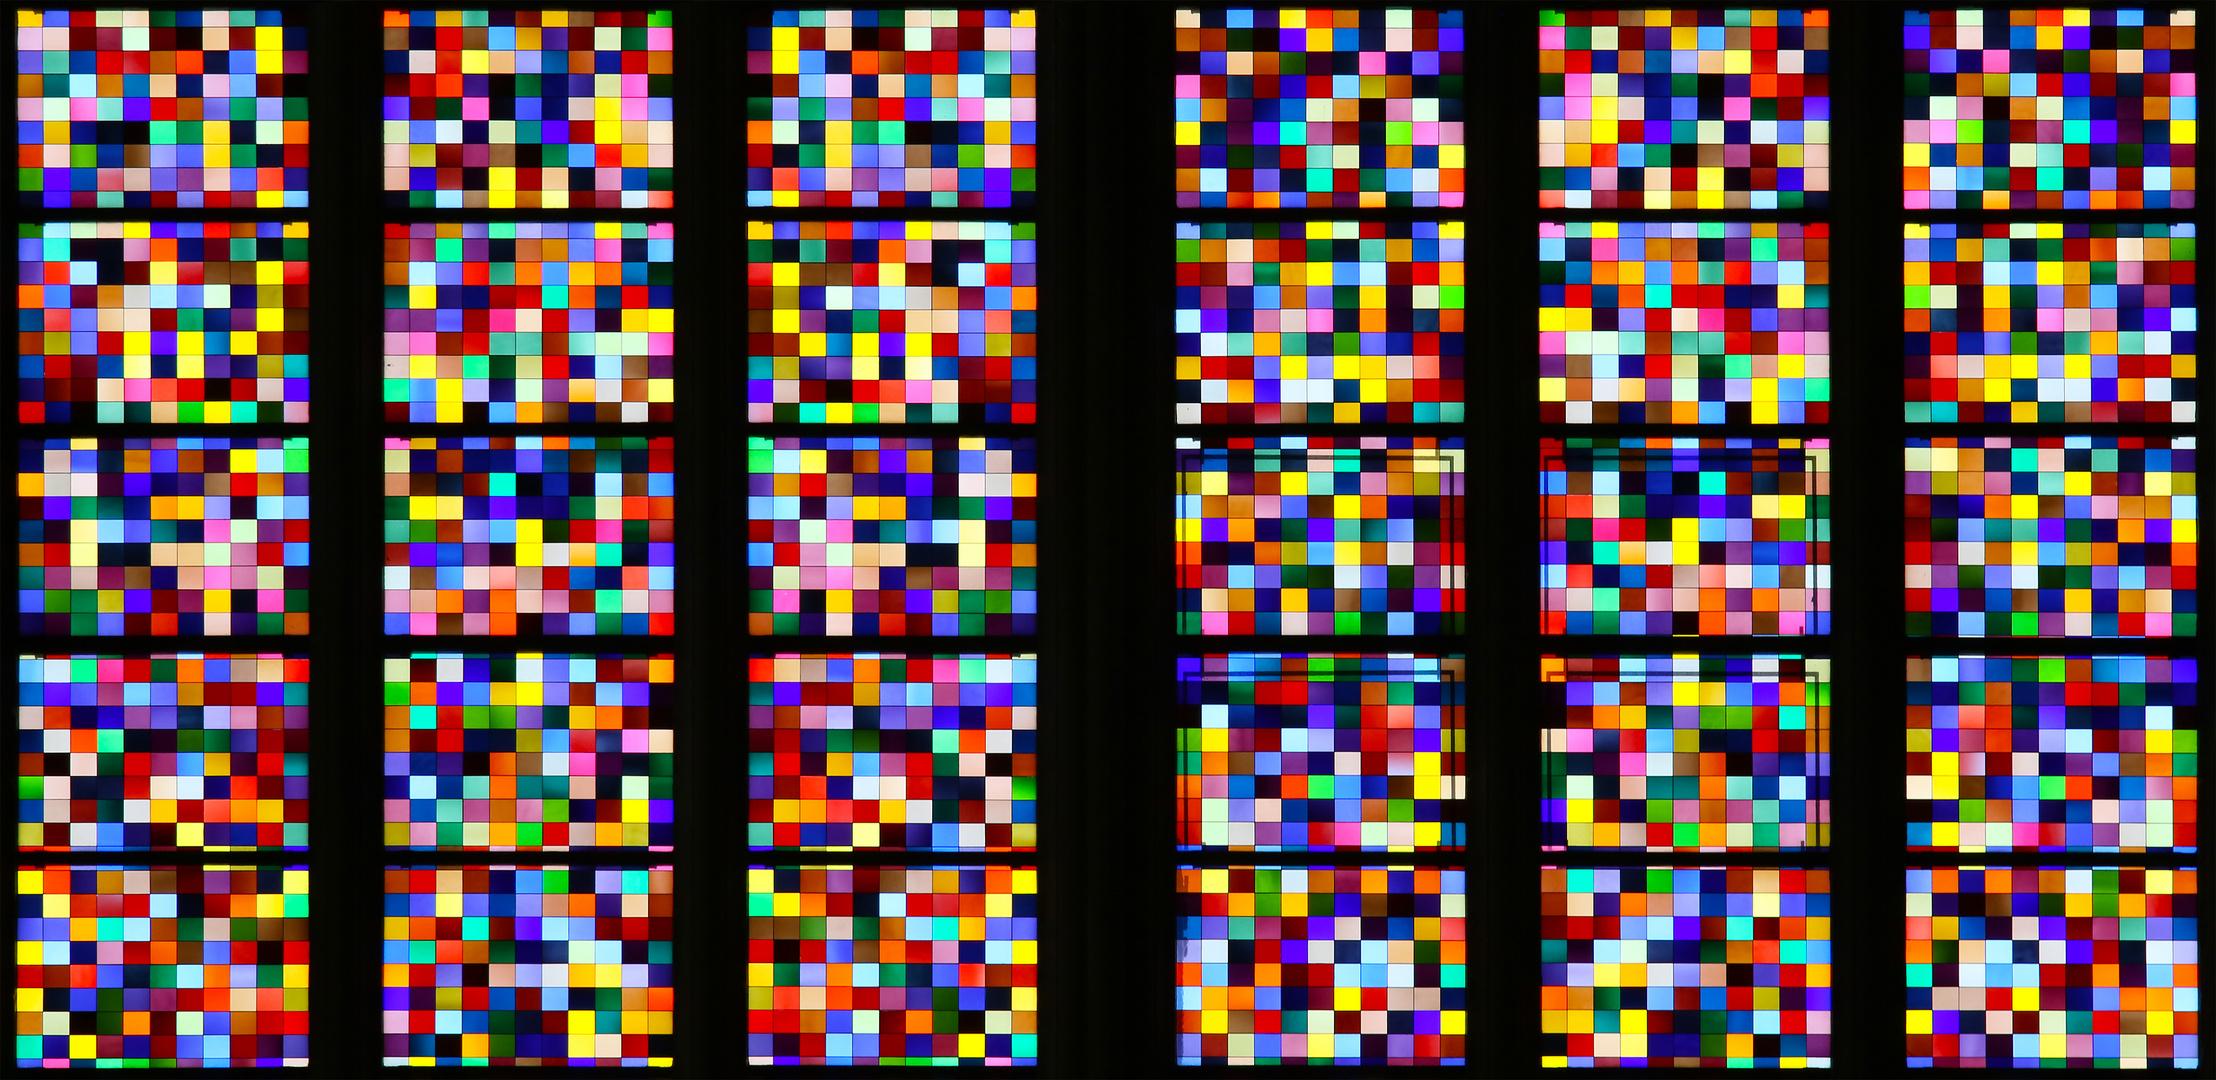 Full Size of Fenster Köln Von Gerhard Richter Im Klner Dom Ausschnitt Foto Bild Auf Maß Sichtschutzfolie Für Holz Alu Veka Polnische Rollos Ohne Bohren Insektenschutz Fenster Fenster Köln